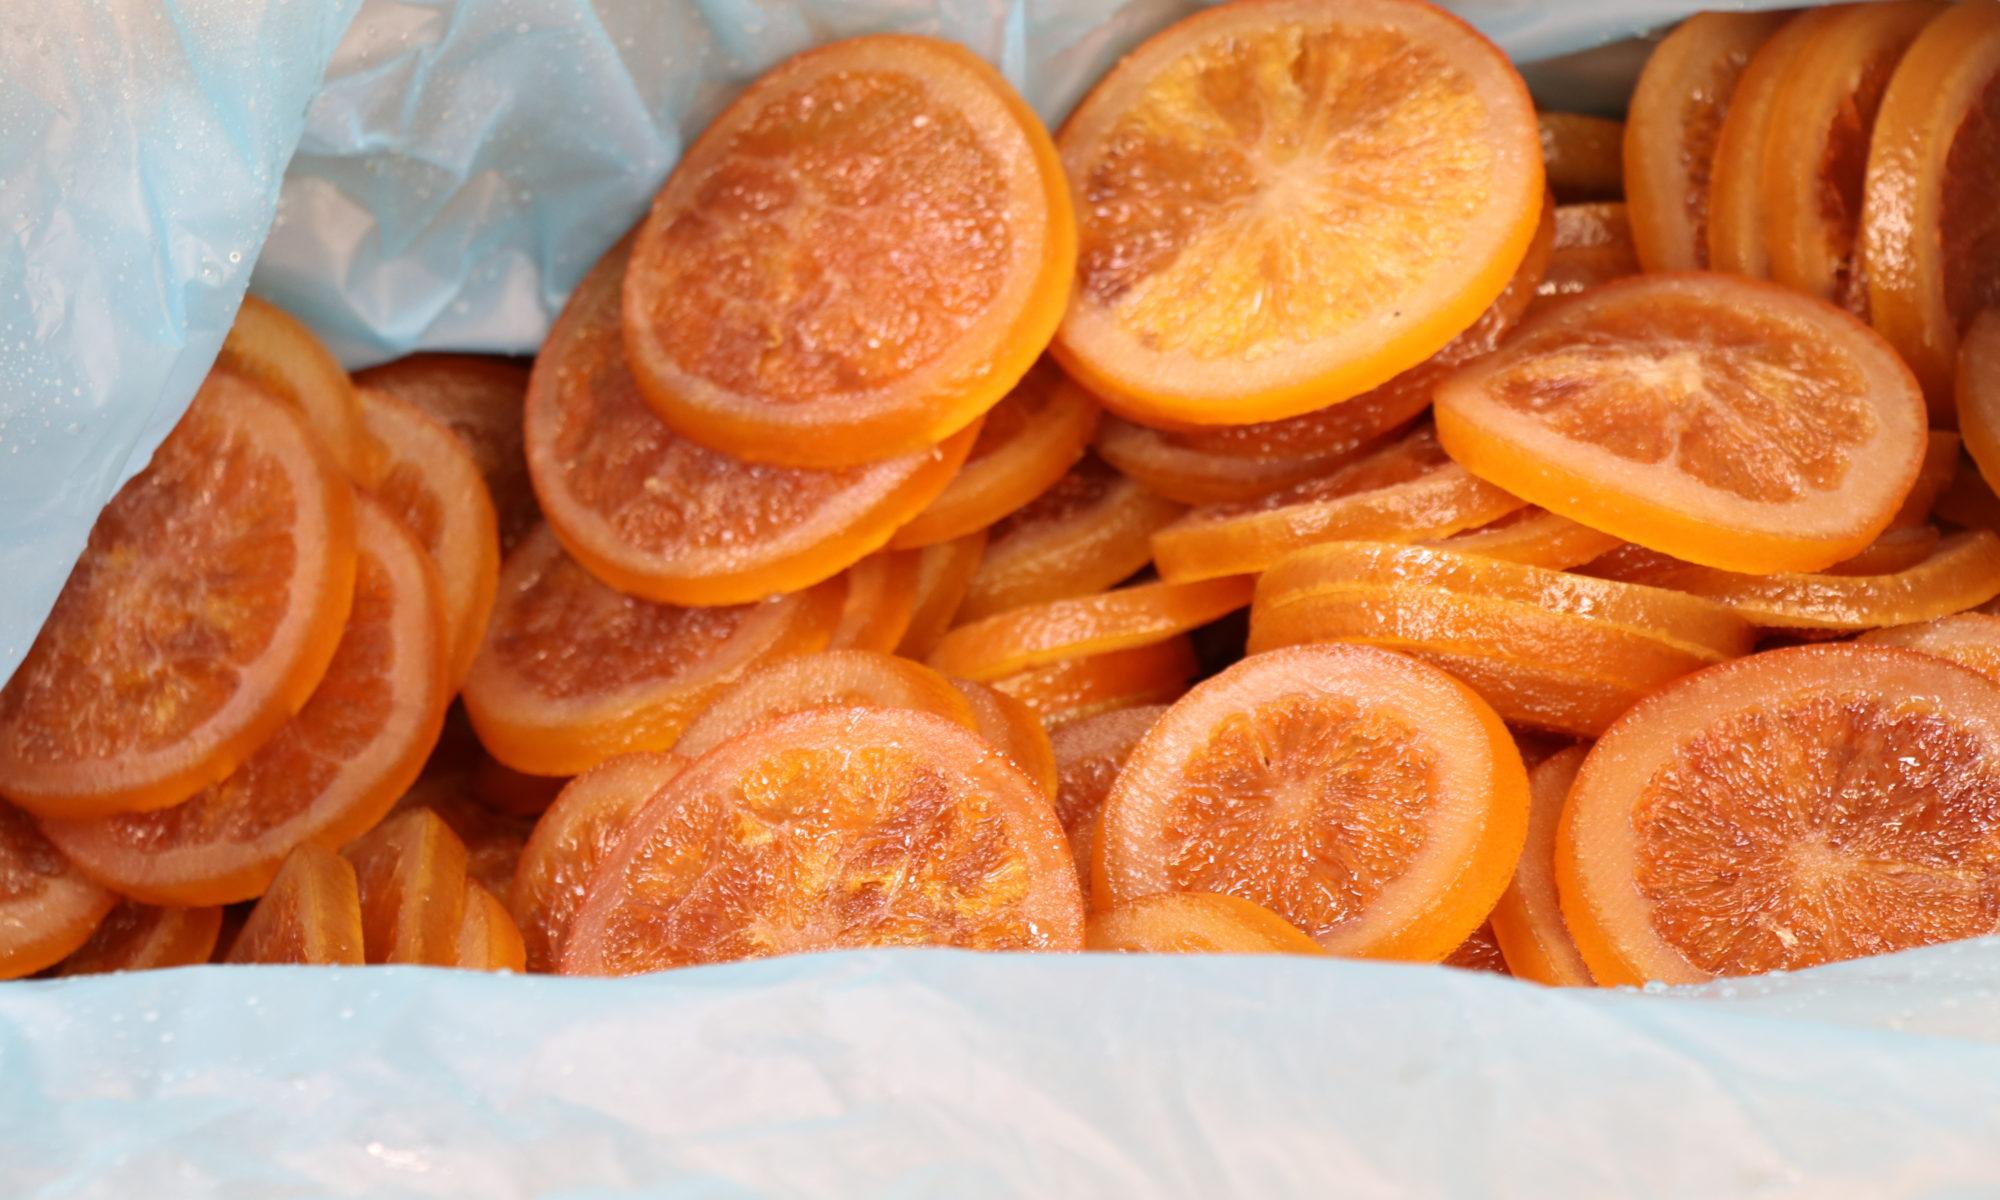 Orange tranche